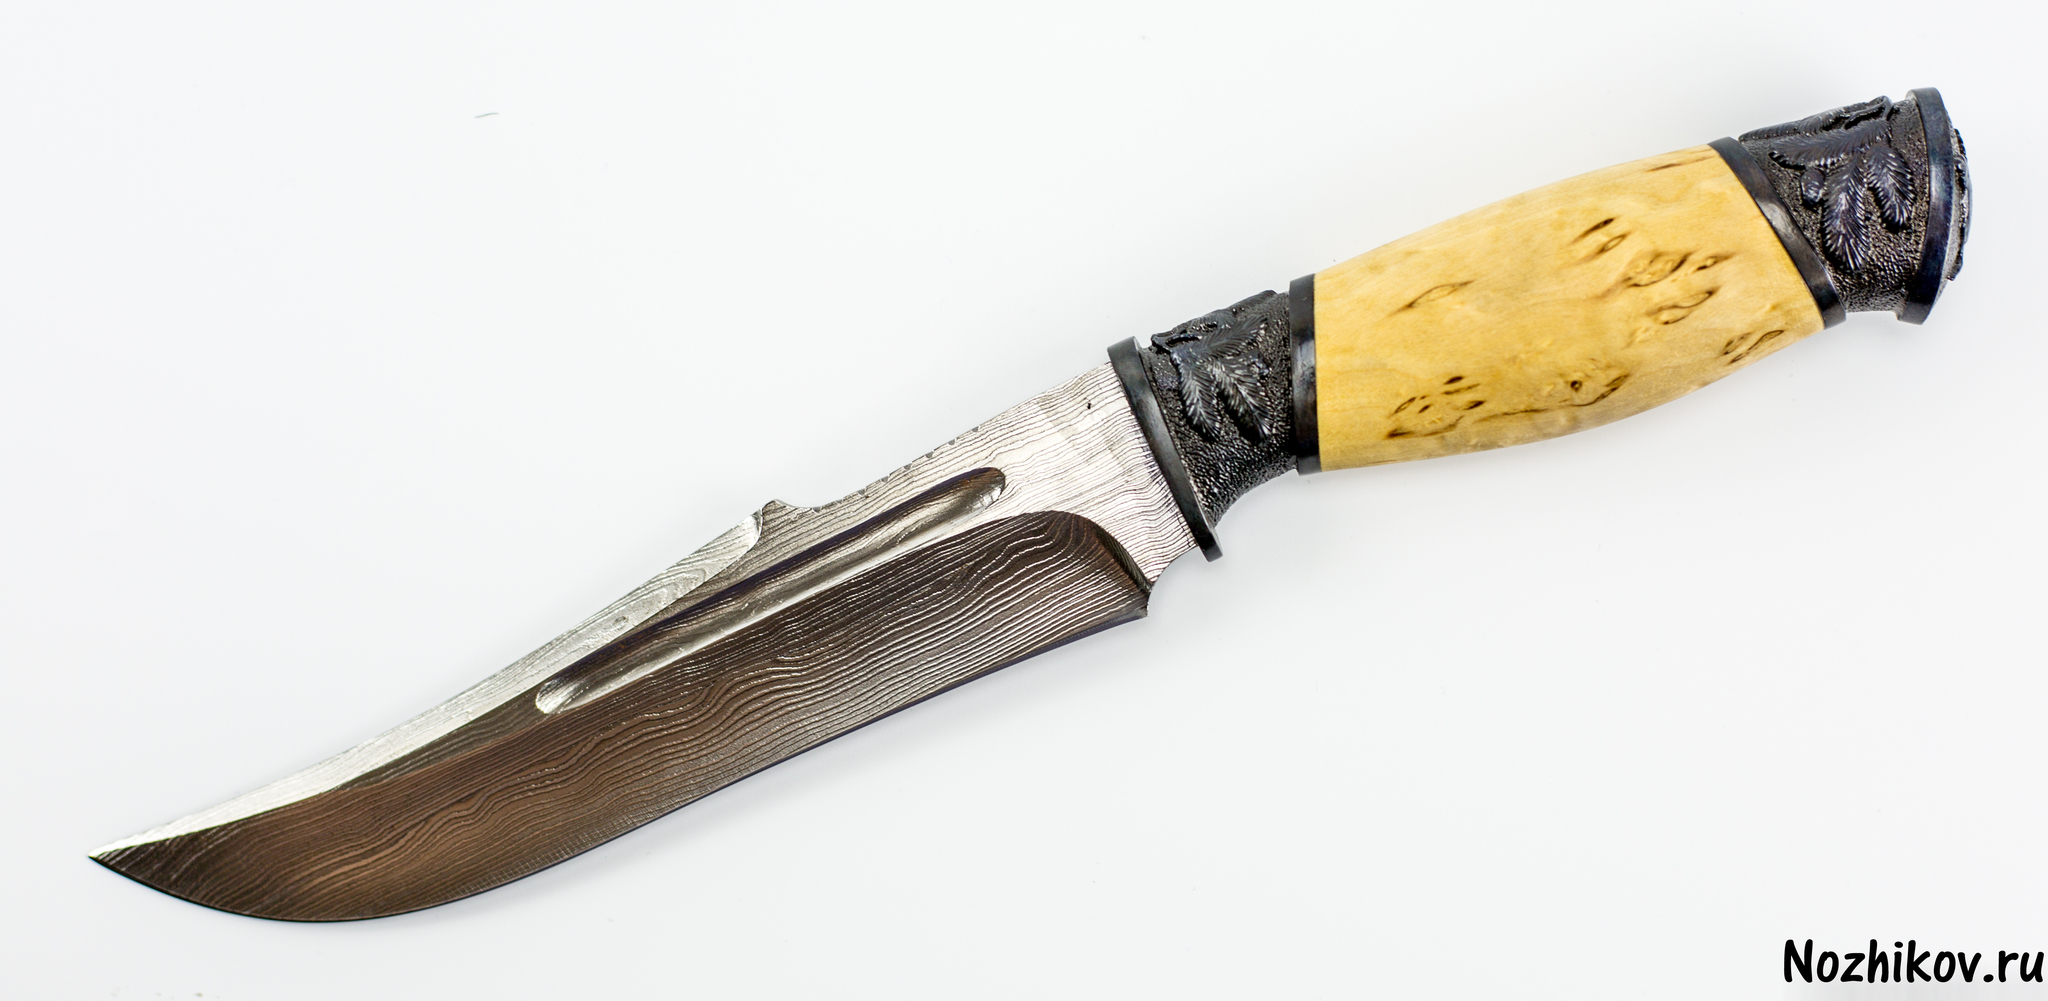 Фото 5 - Авторский Нож из Дамаска №23, Кизляр от Noname